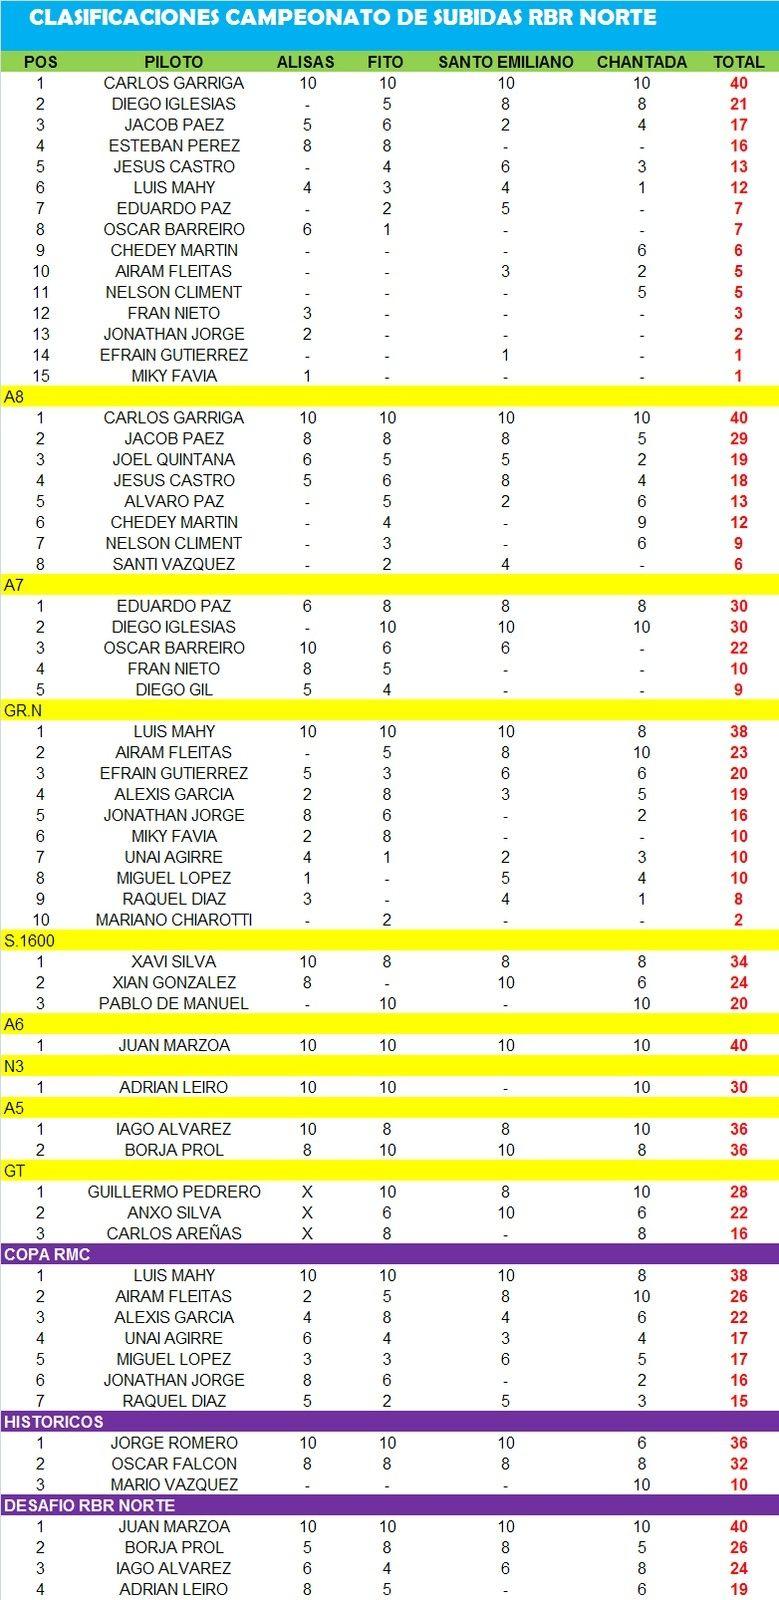 Escuderia Anilla Racing Sport - Página 2 Clasif10